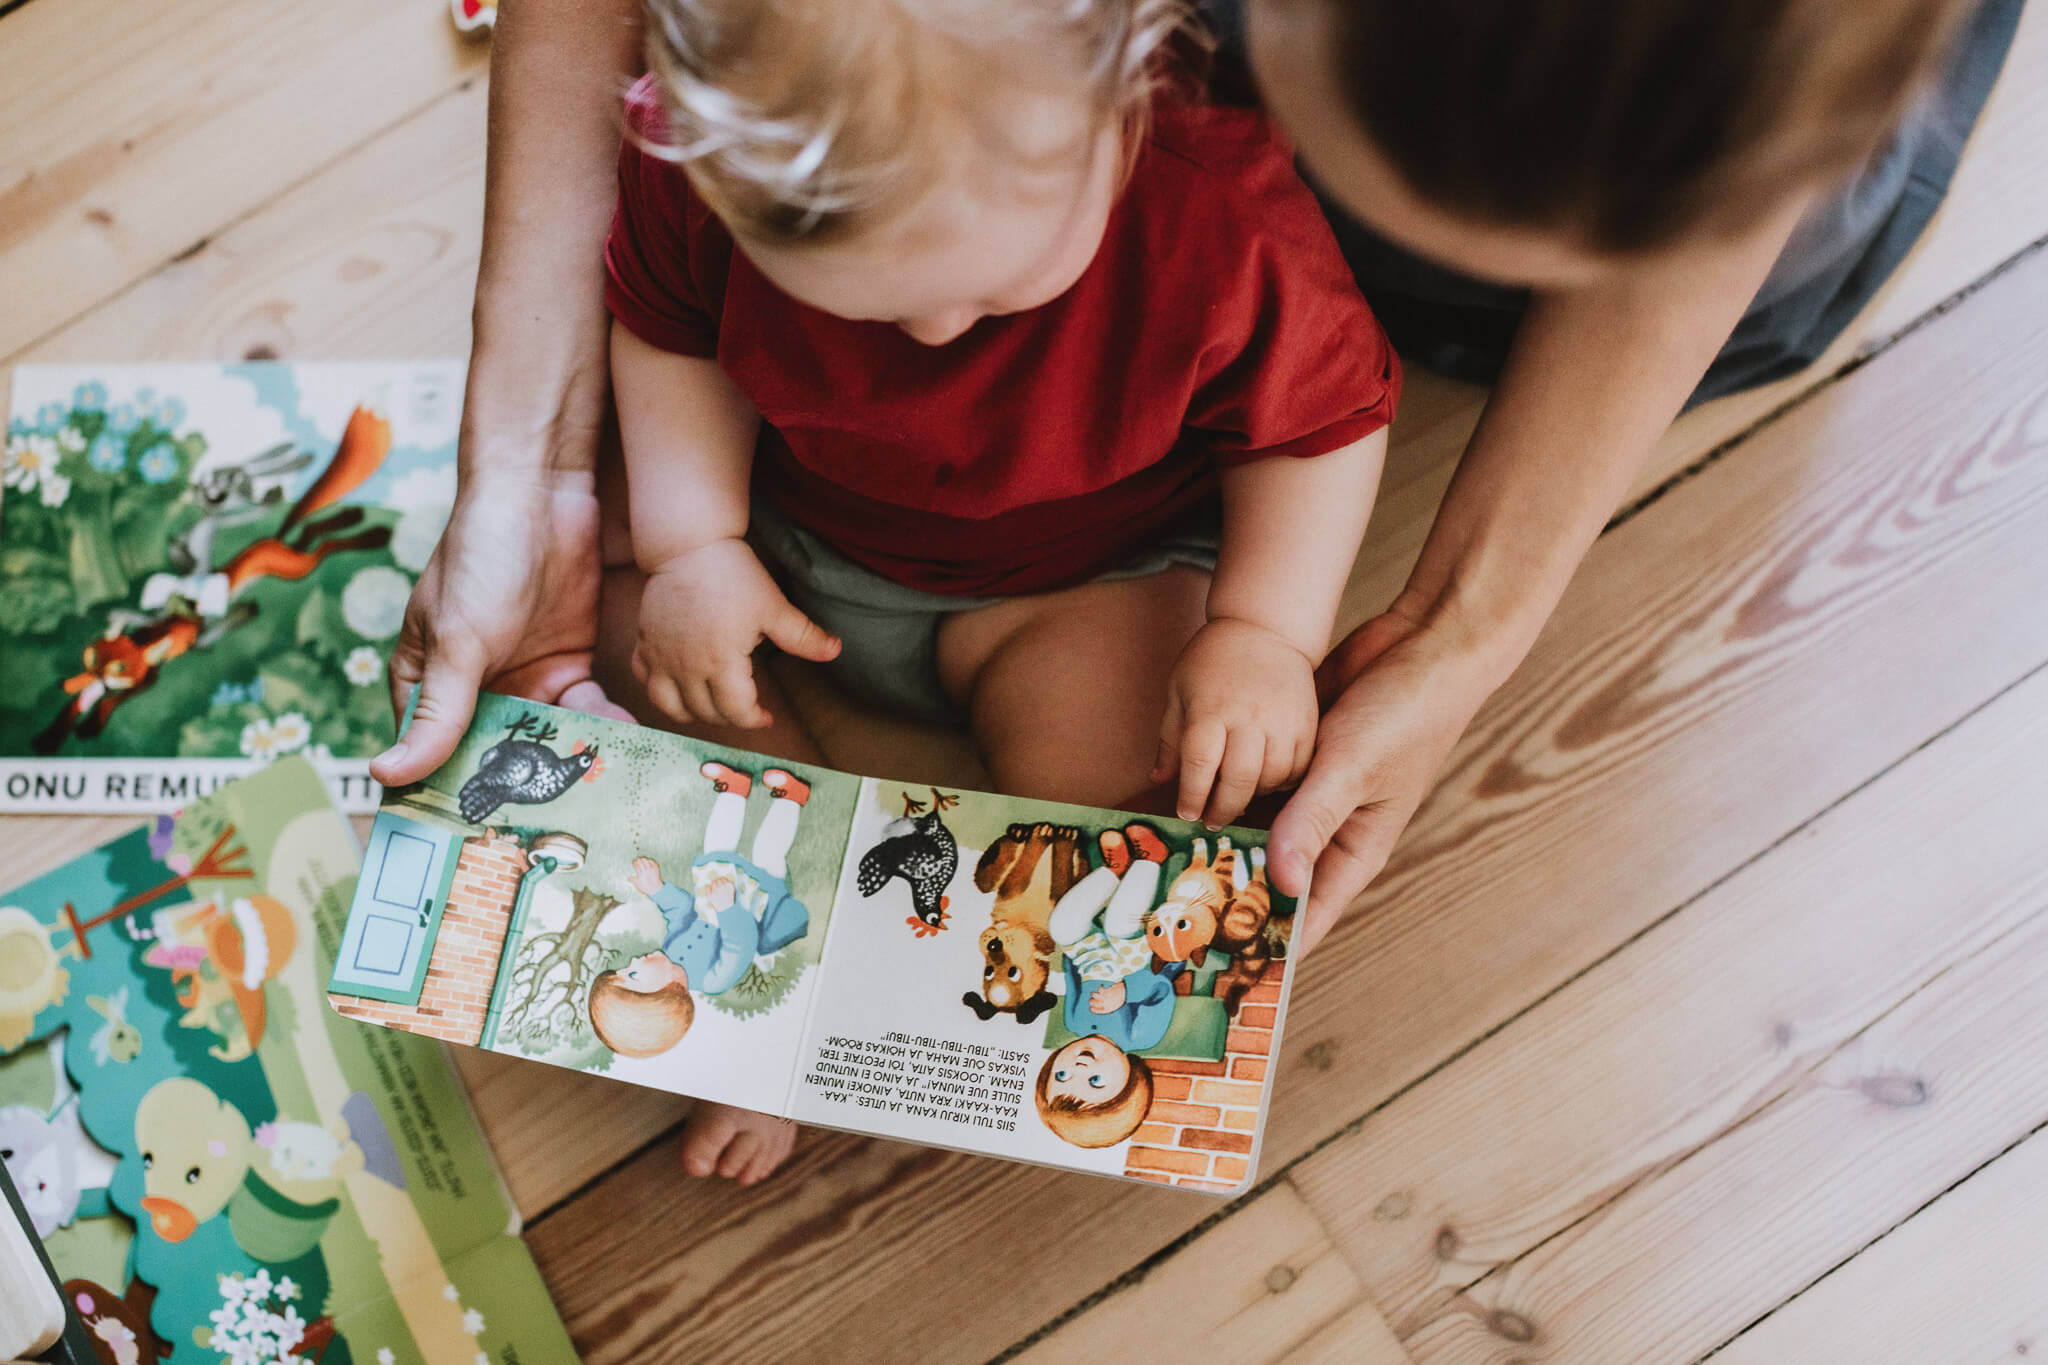 Dokumentalistlik foto emast, kes vaatab beebiga kõvade kaantega raamatut Muna.